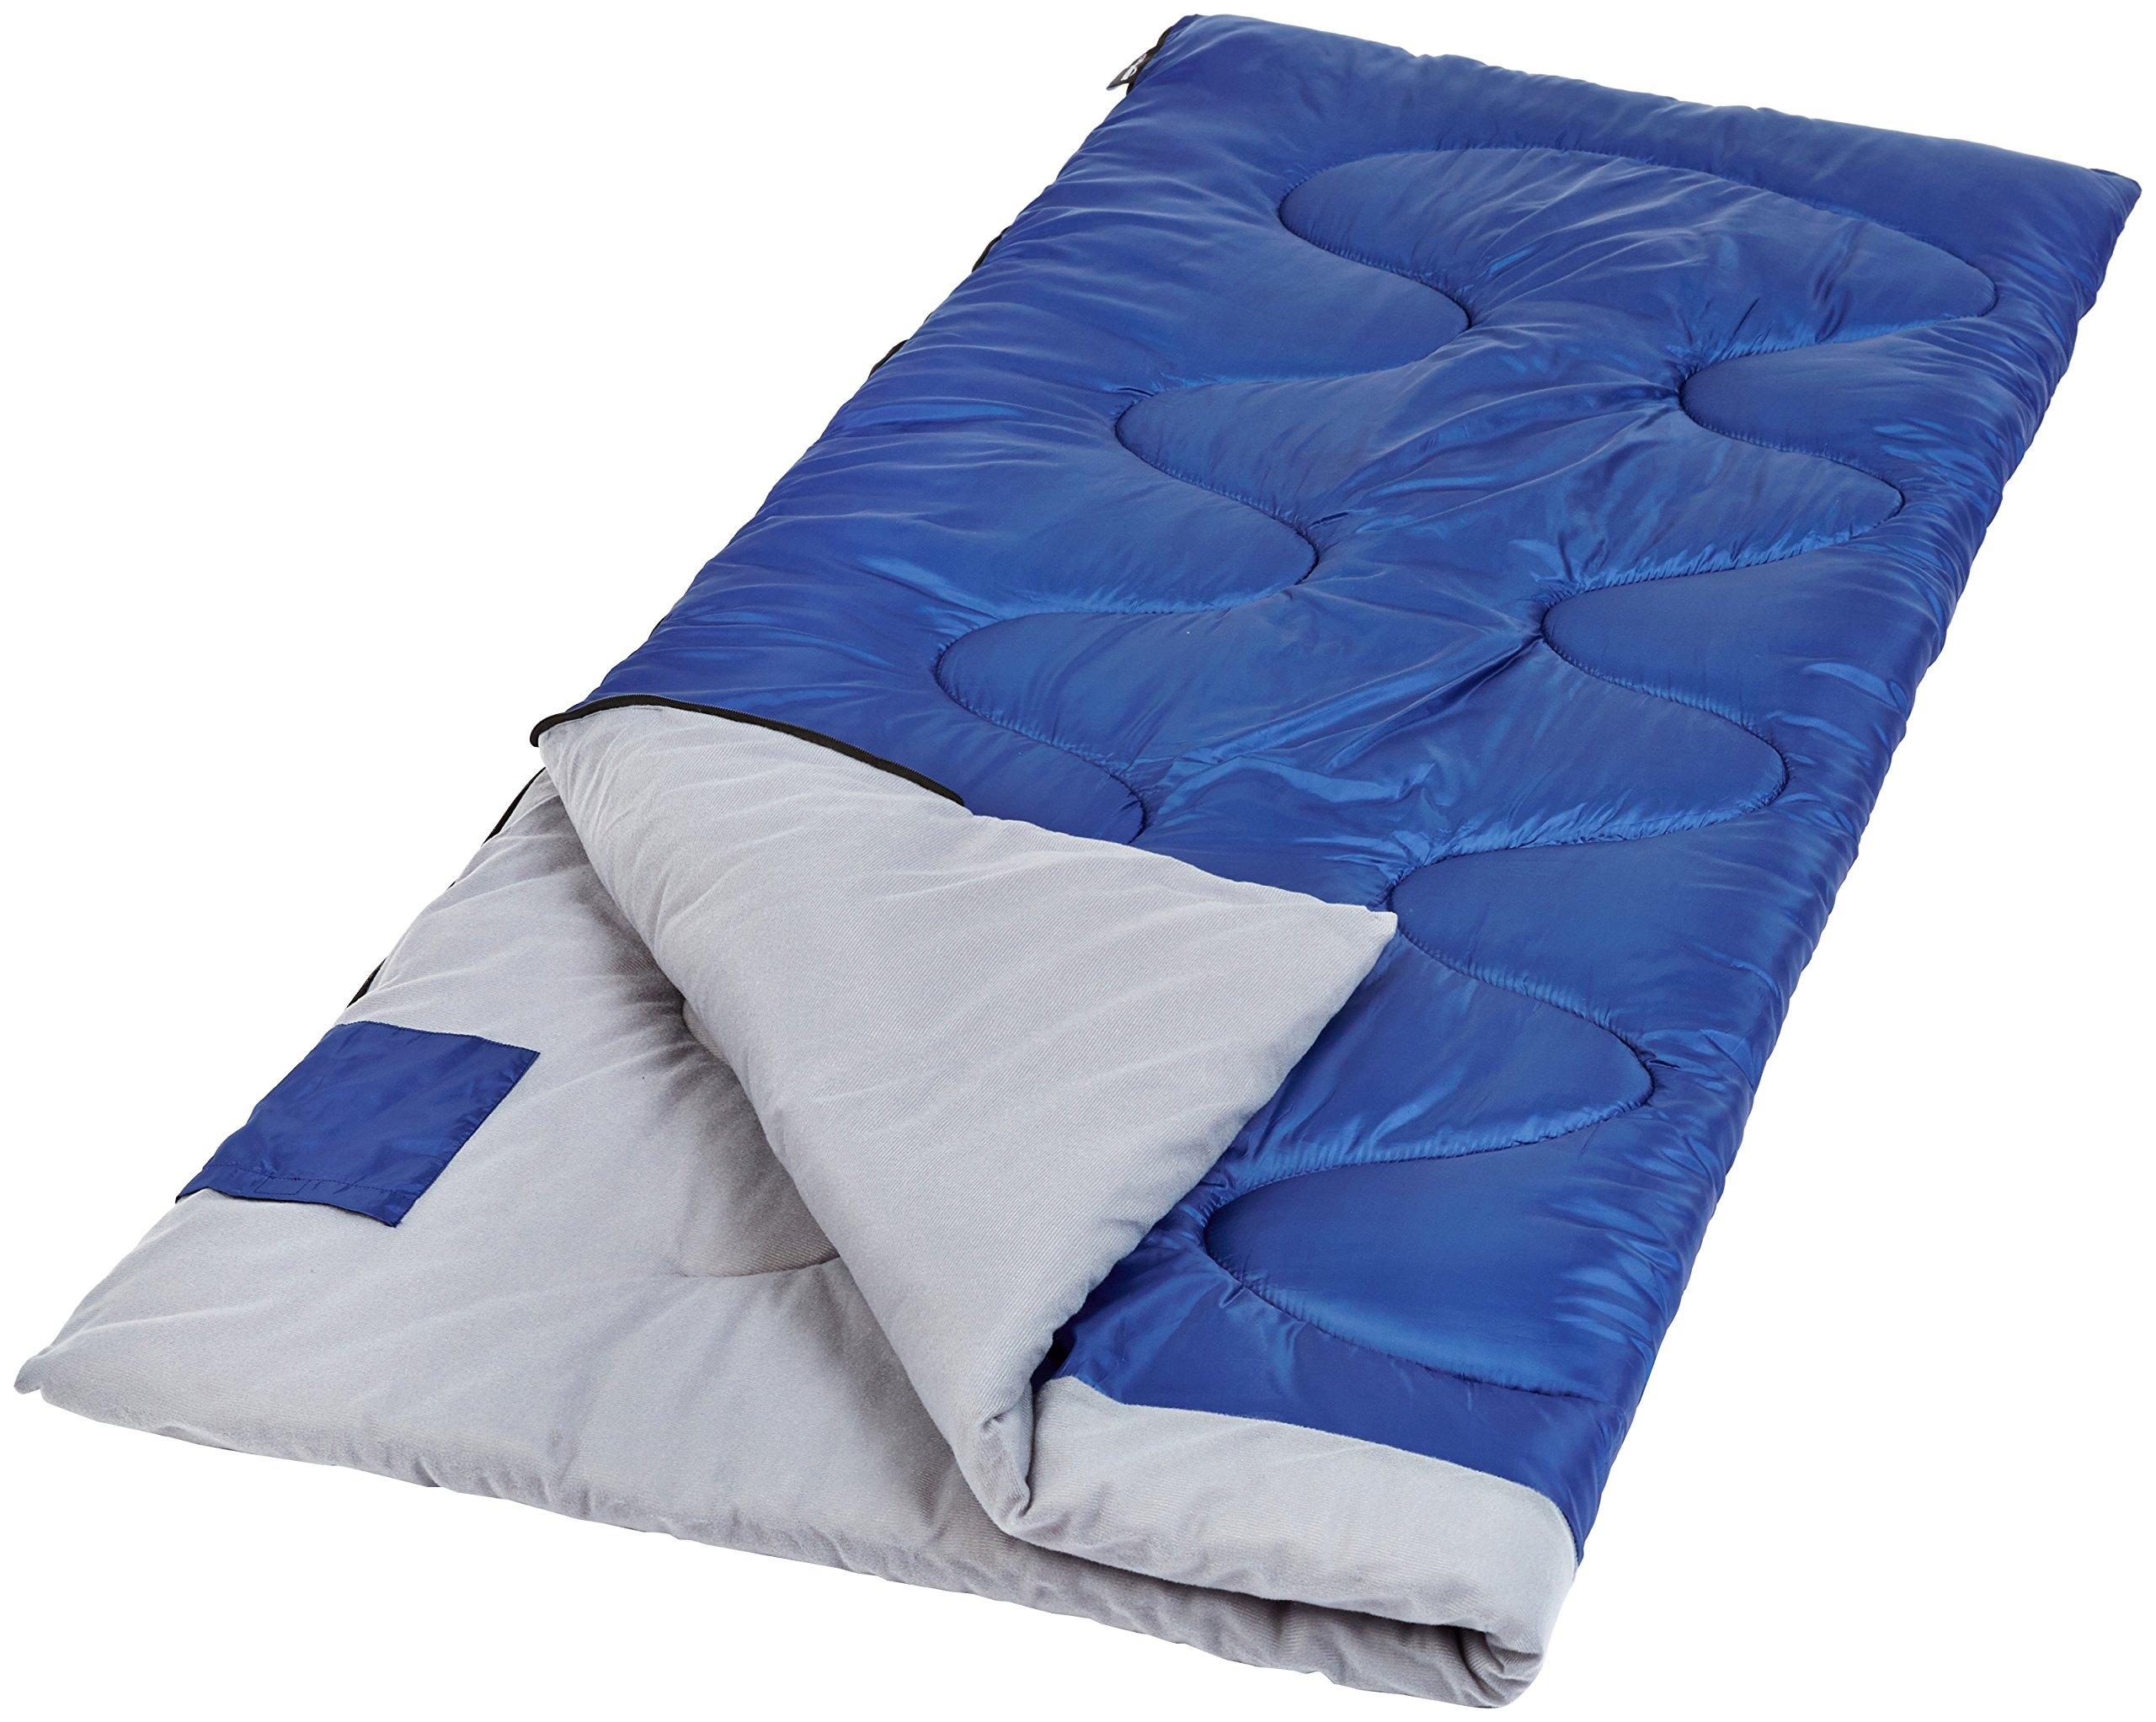 Sporting Goods Portable Single/Double Liner Inner Sleeping Bag Travel Host Sheet Sack Camp